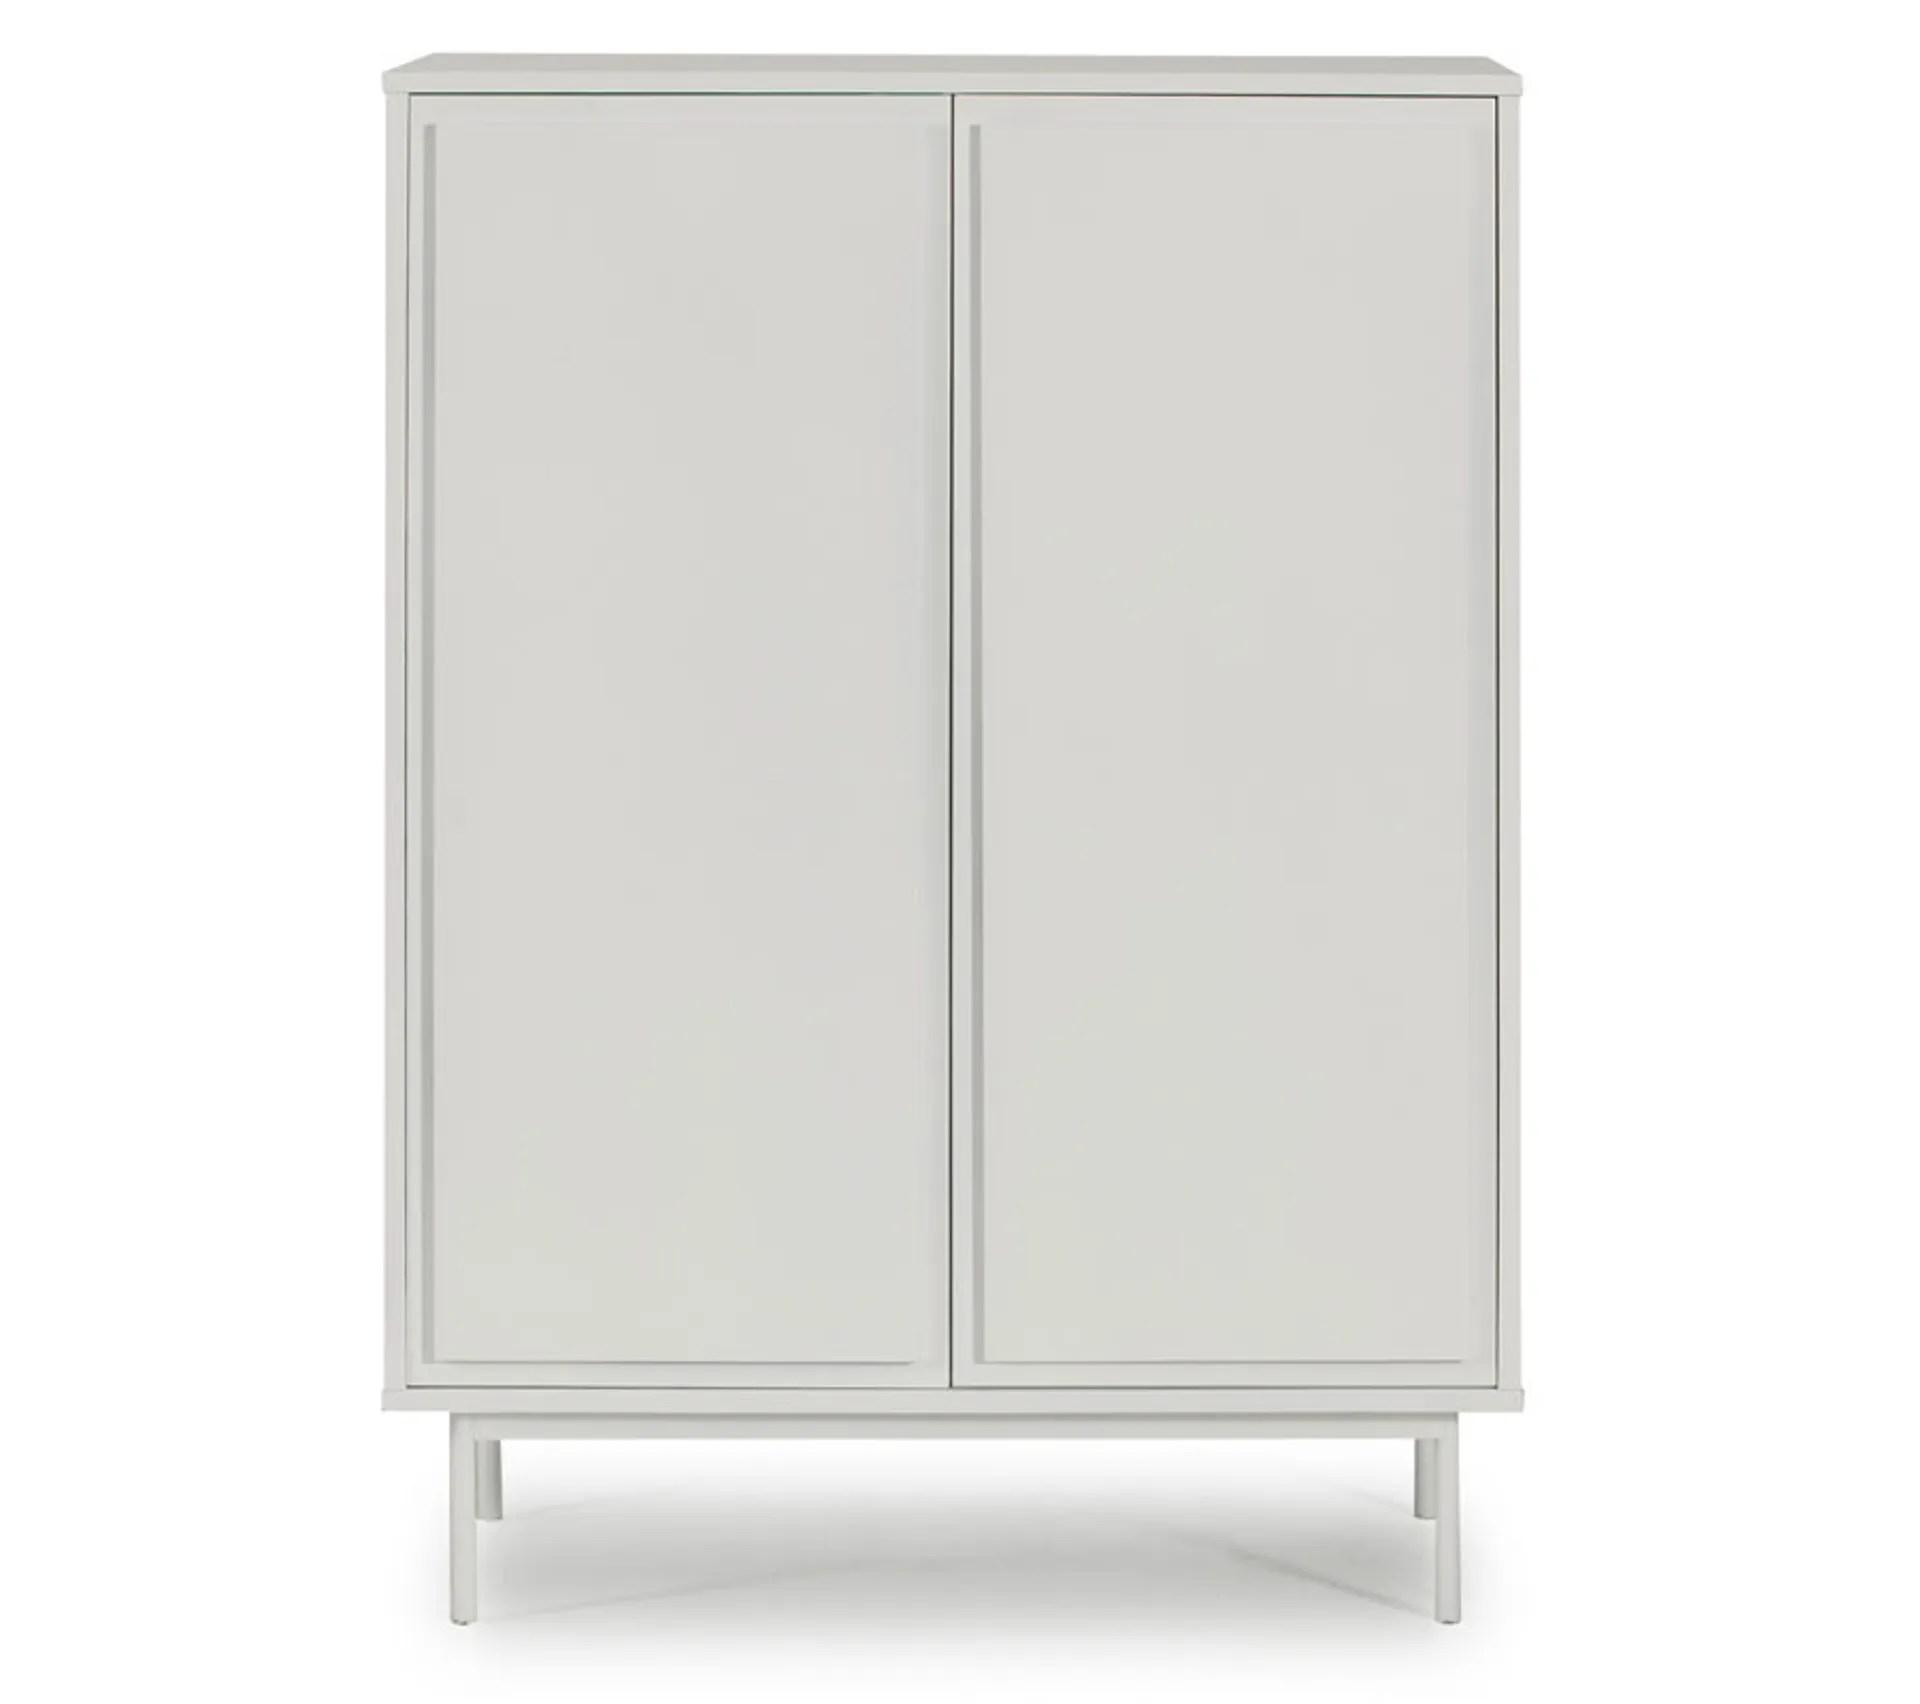 meuble dentree 2 portes 2 tiroirs blanc paitus